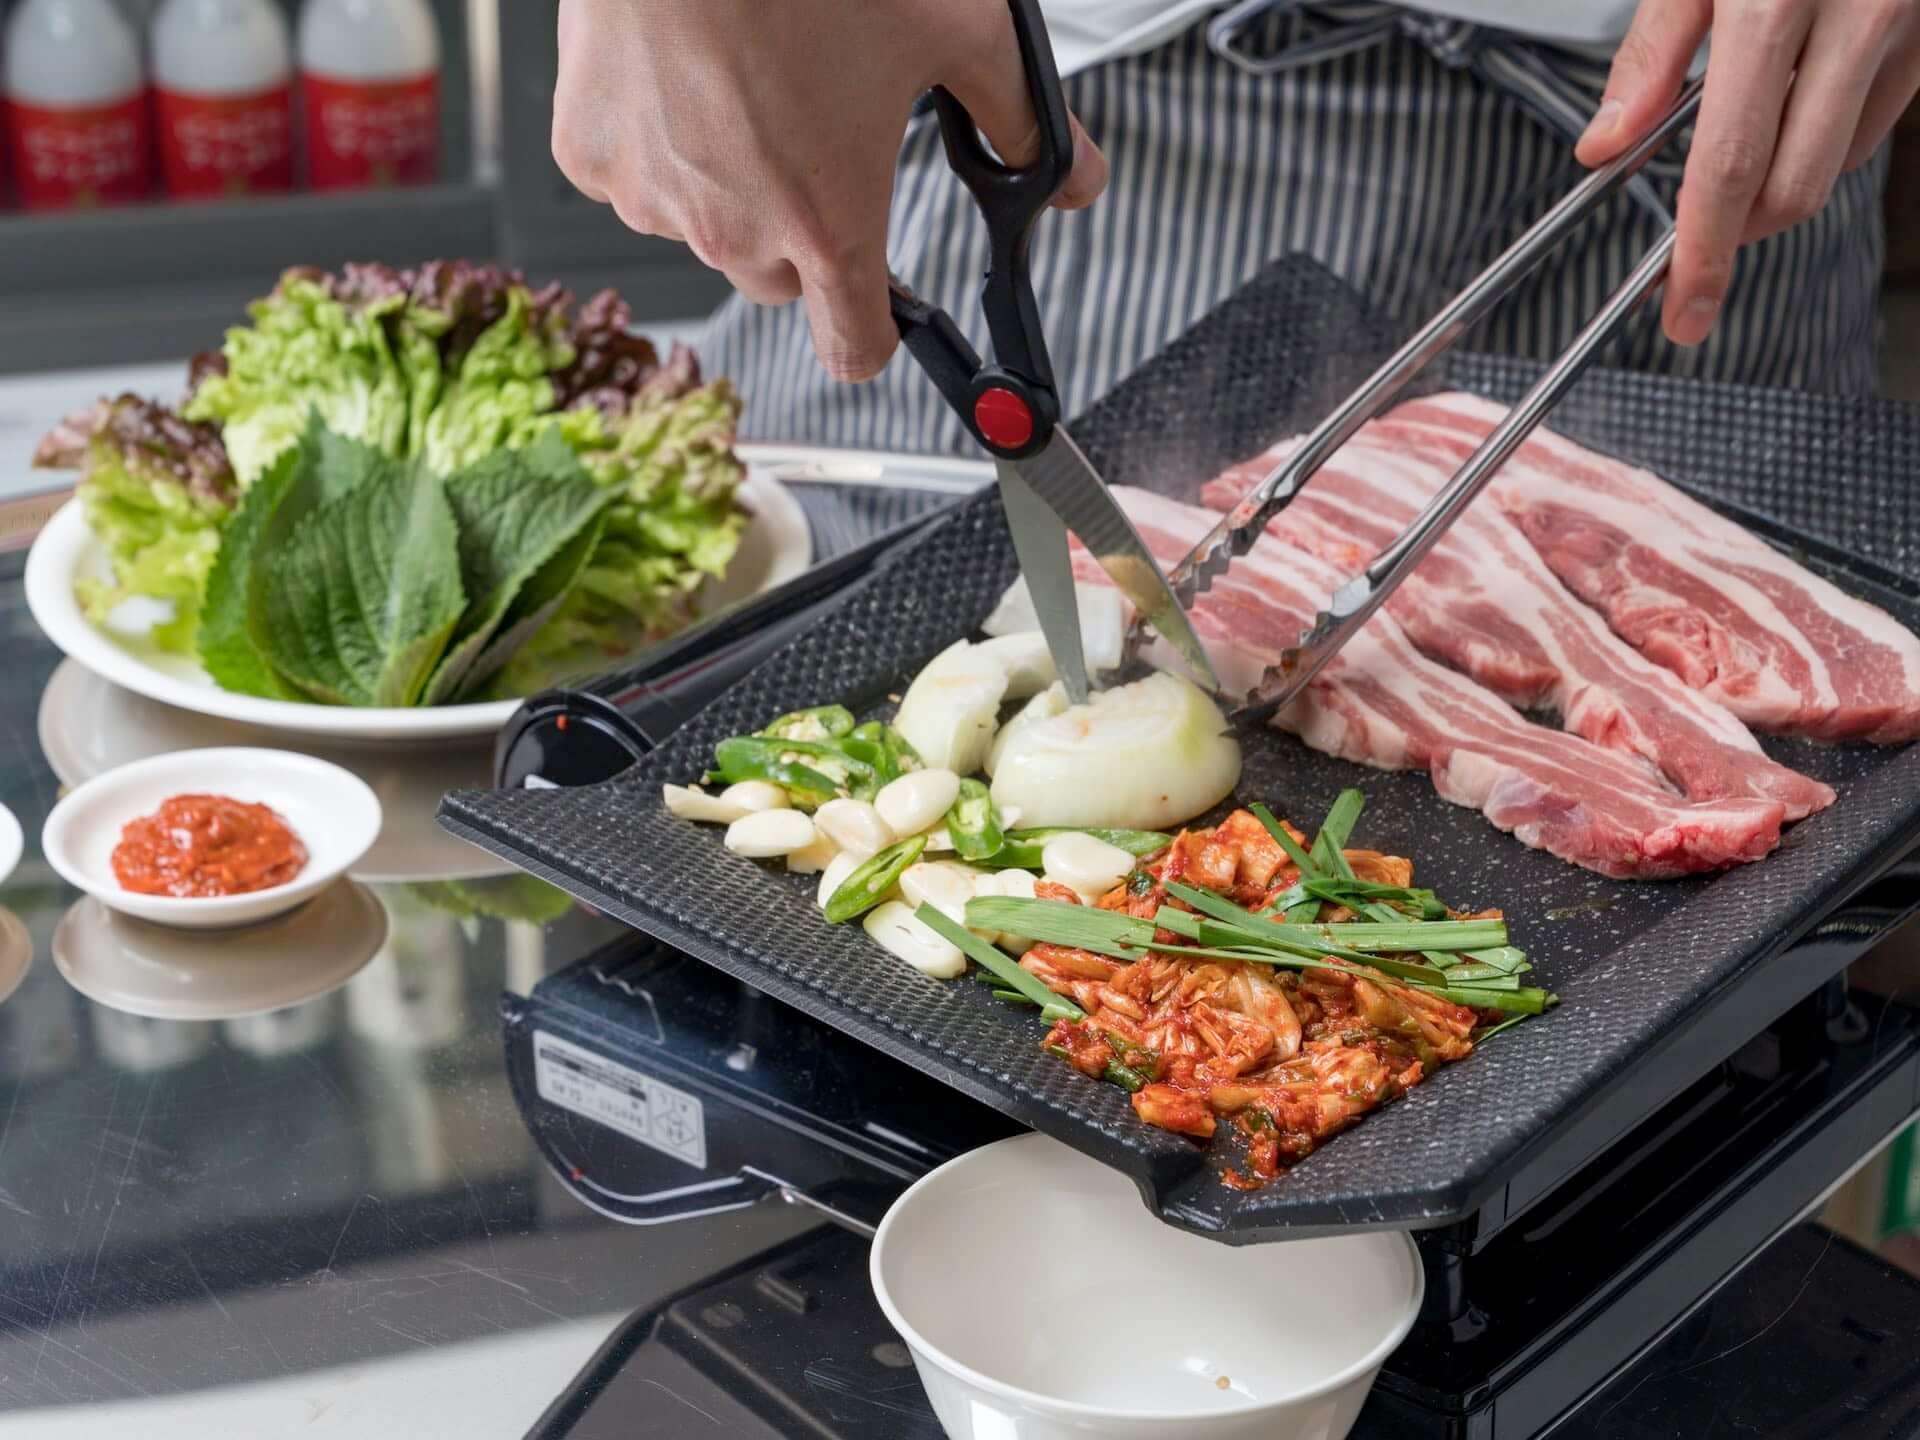 北海道産のワタリガニを使用した『生カンジャンケジャン』が「韓国食堂ケグリ」に登場!1日10食限定で販売開始 gourmet201029_kankokushokudou-keguri_6-1920x1440